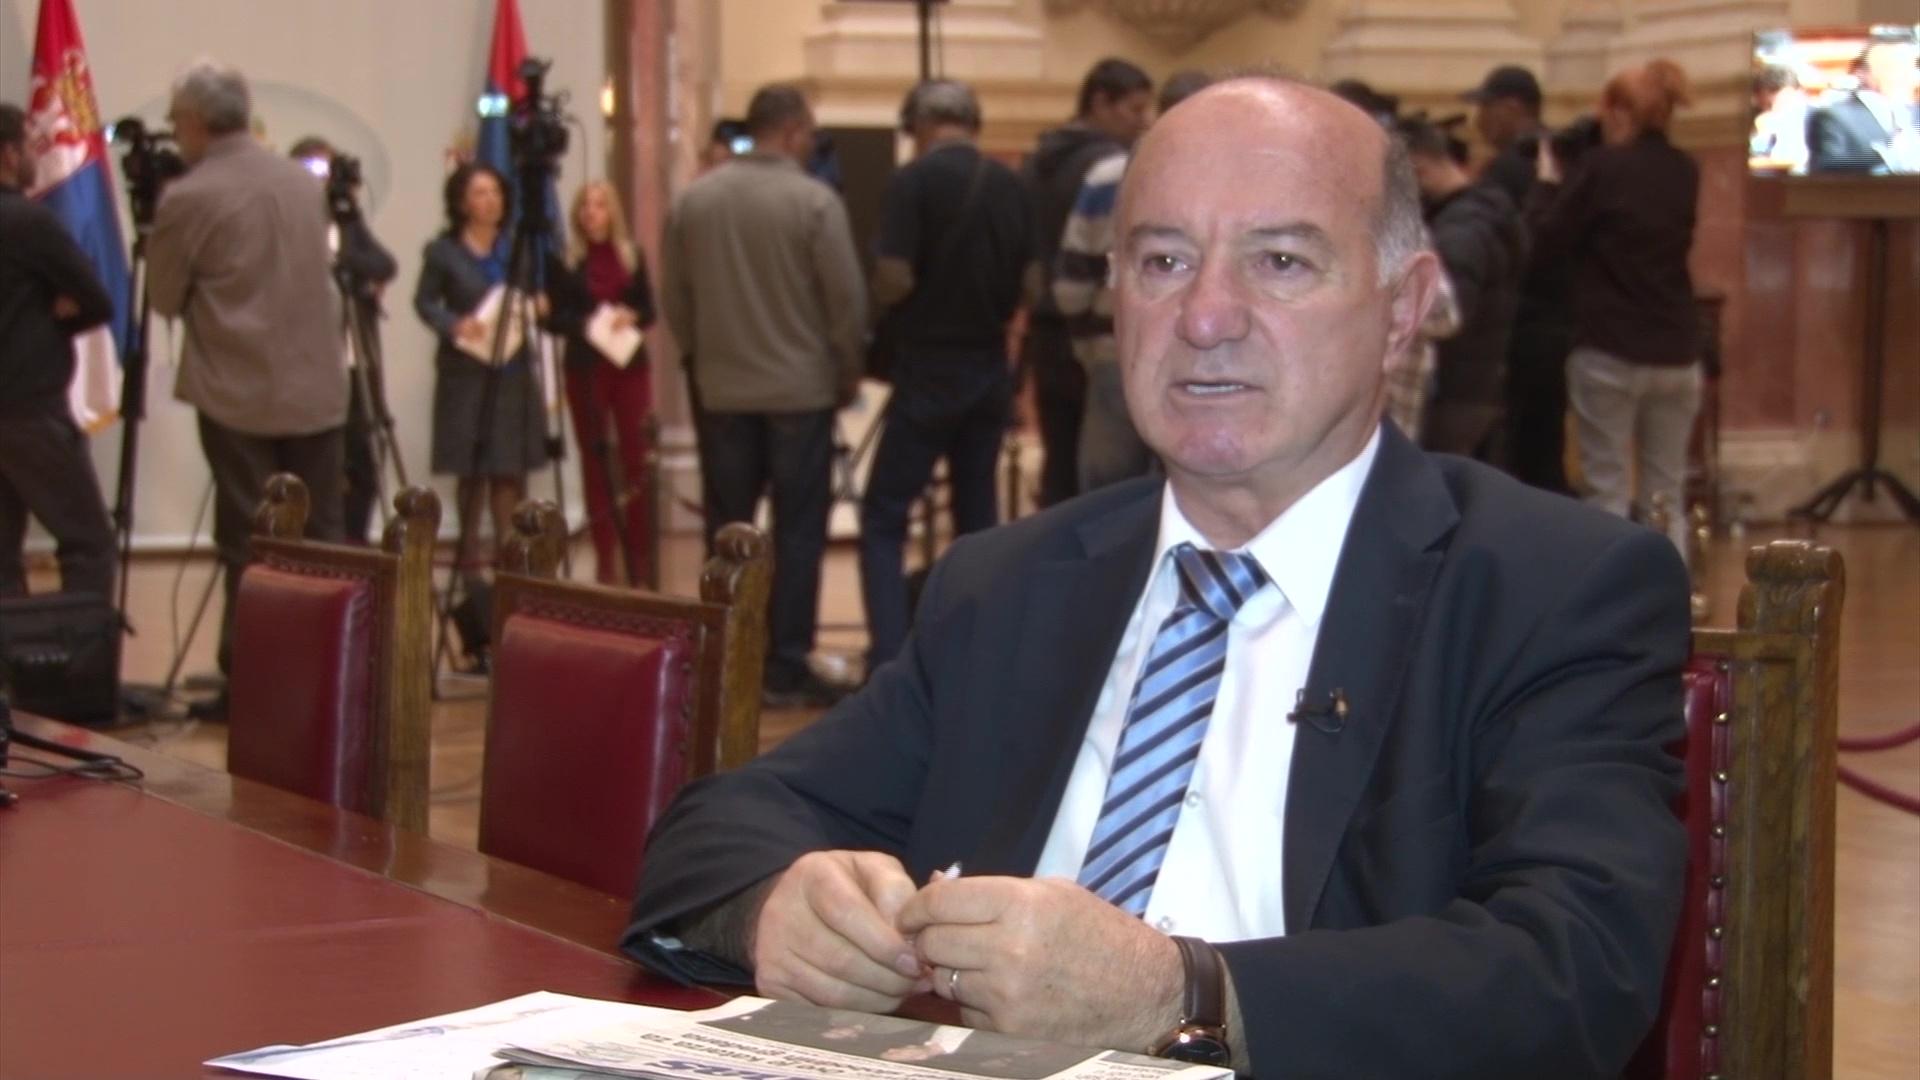 Shqiptarët e Serbisë përfaqësohen vetëm nga një deputet në Parlament